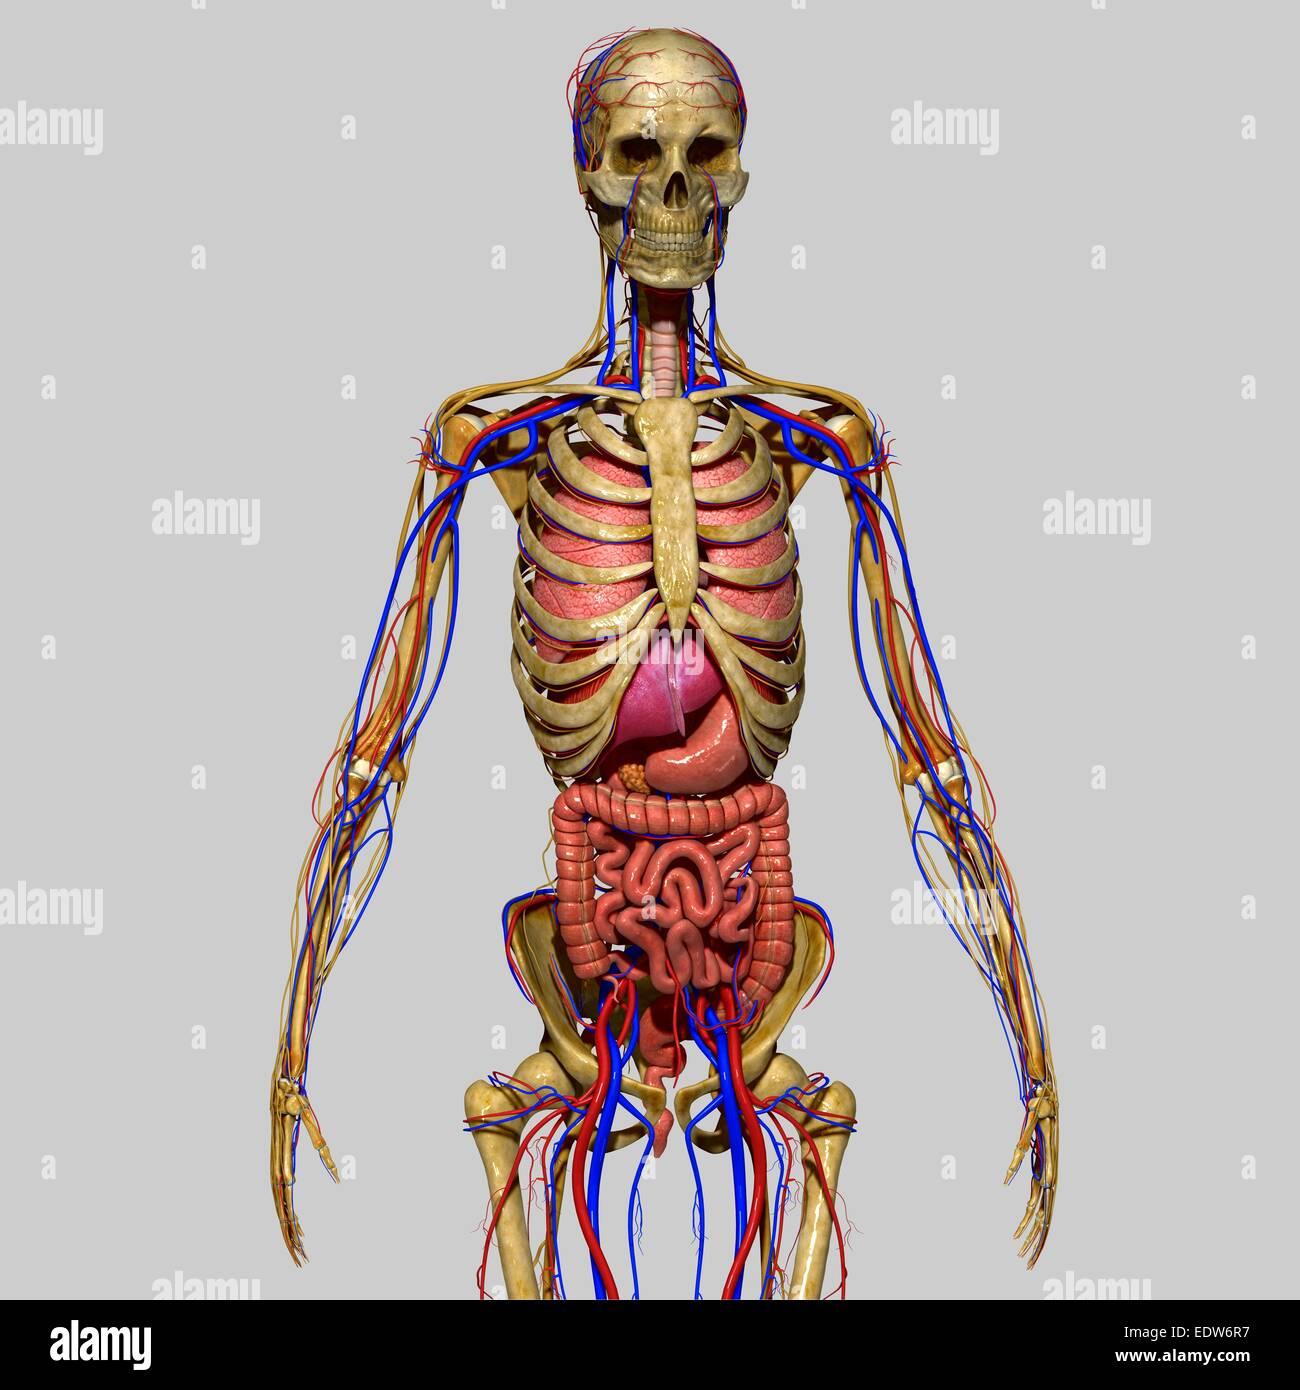 Fantastisch Nervensystem Interaktiv Zeitgenössisch - Menschliche ...